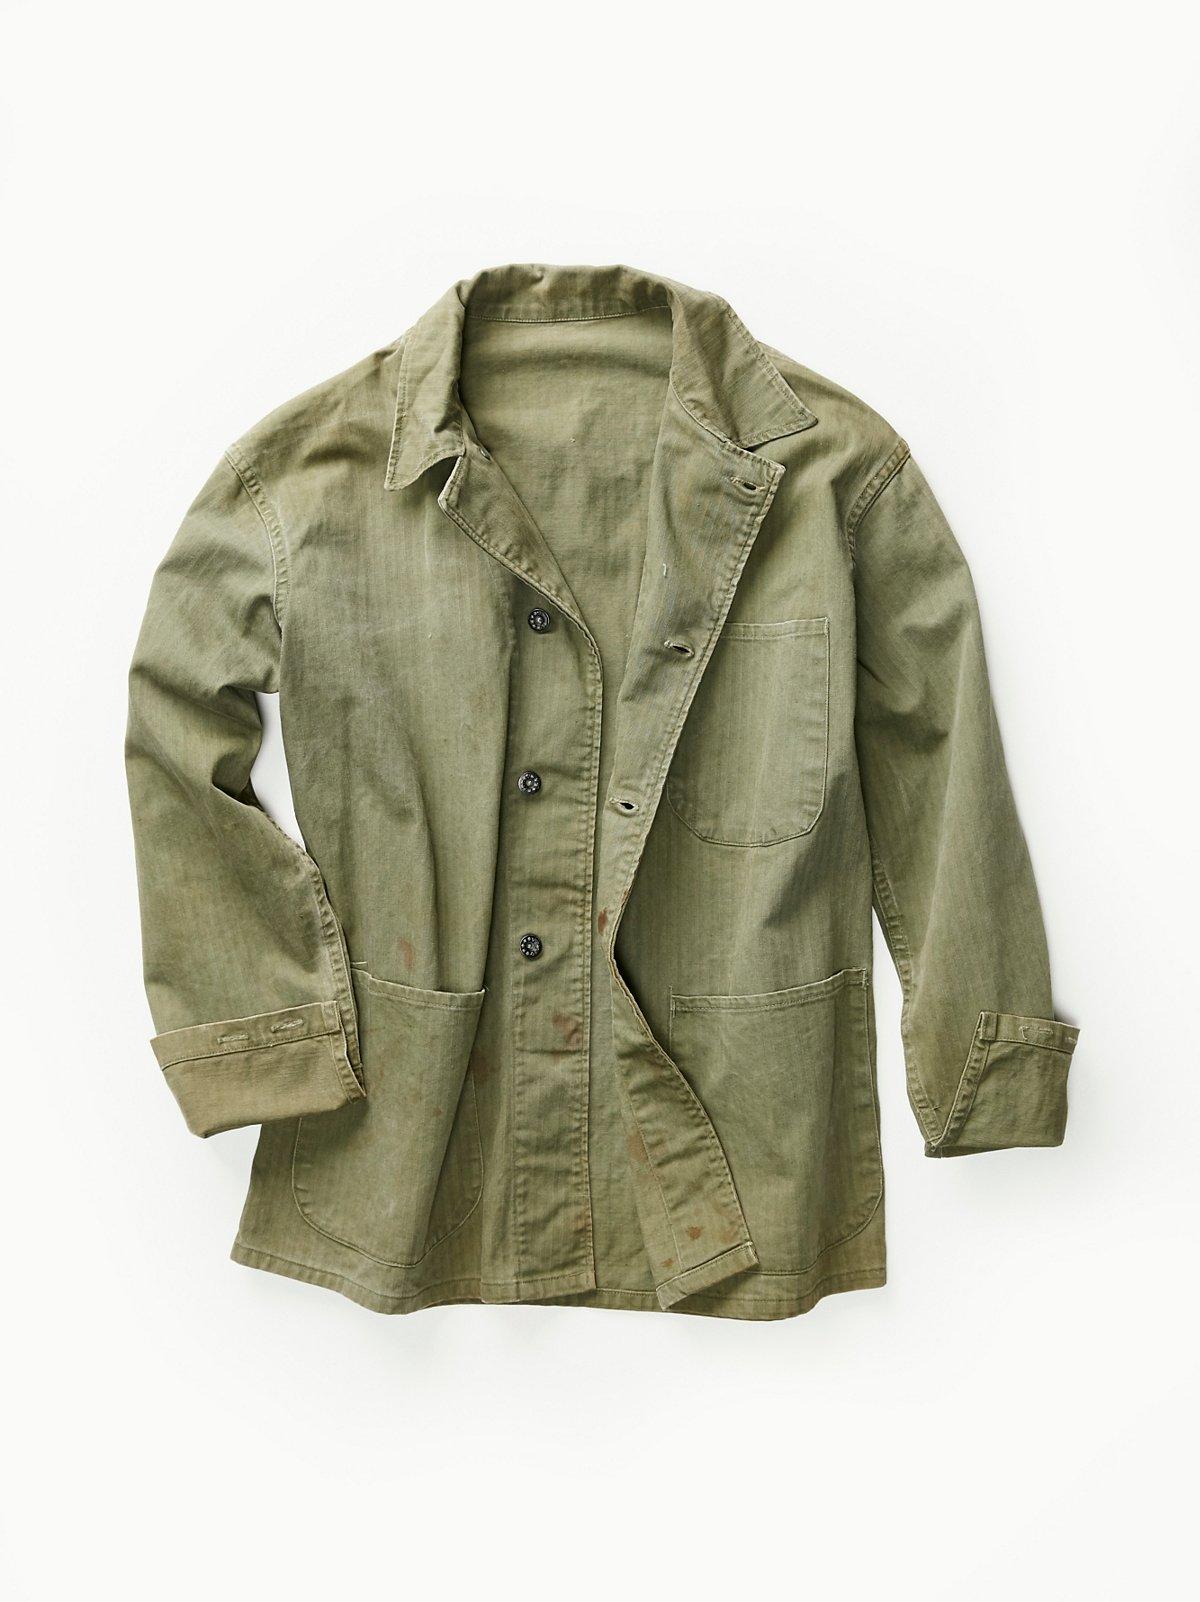 Vintage 1940s Military Jacket